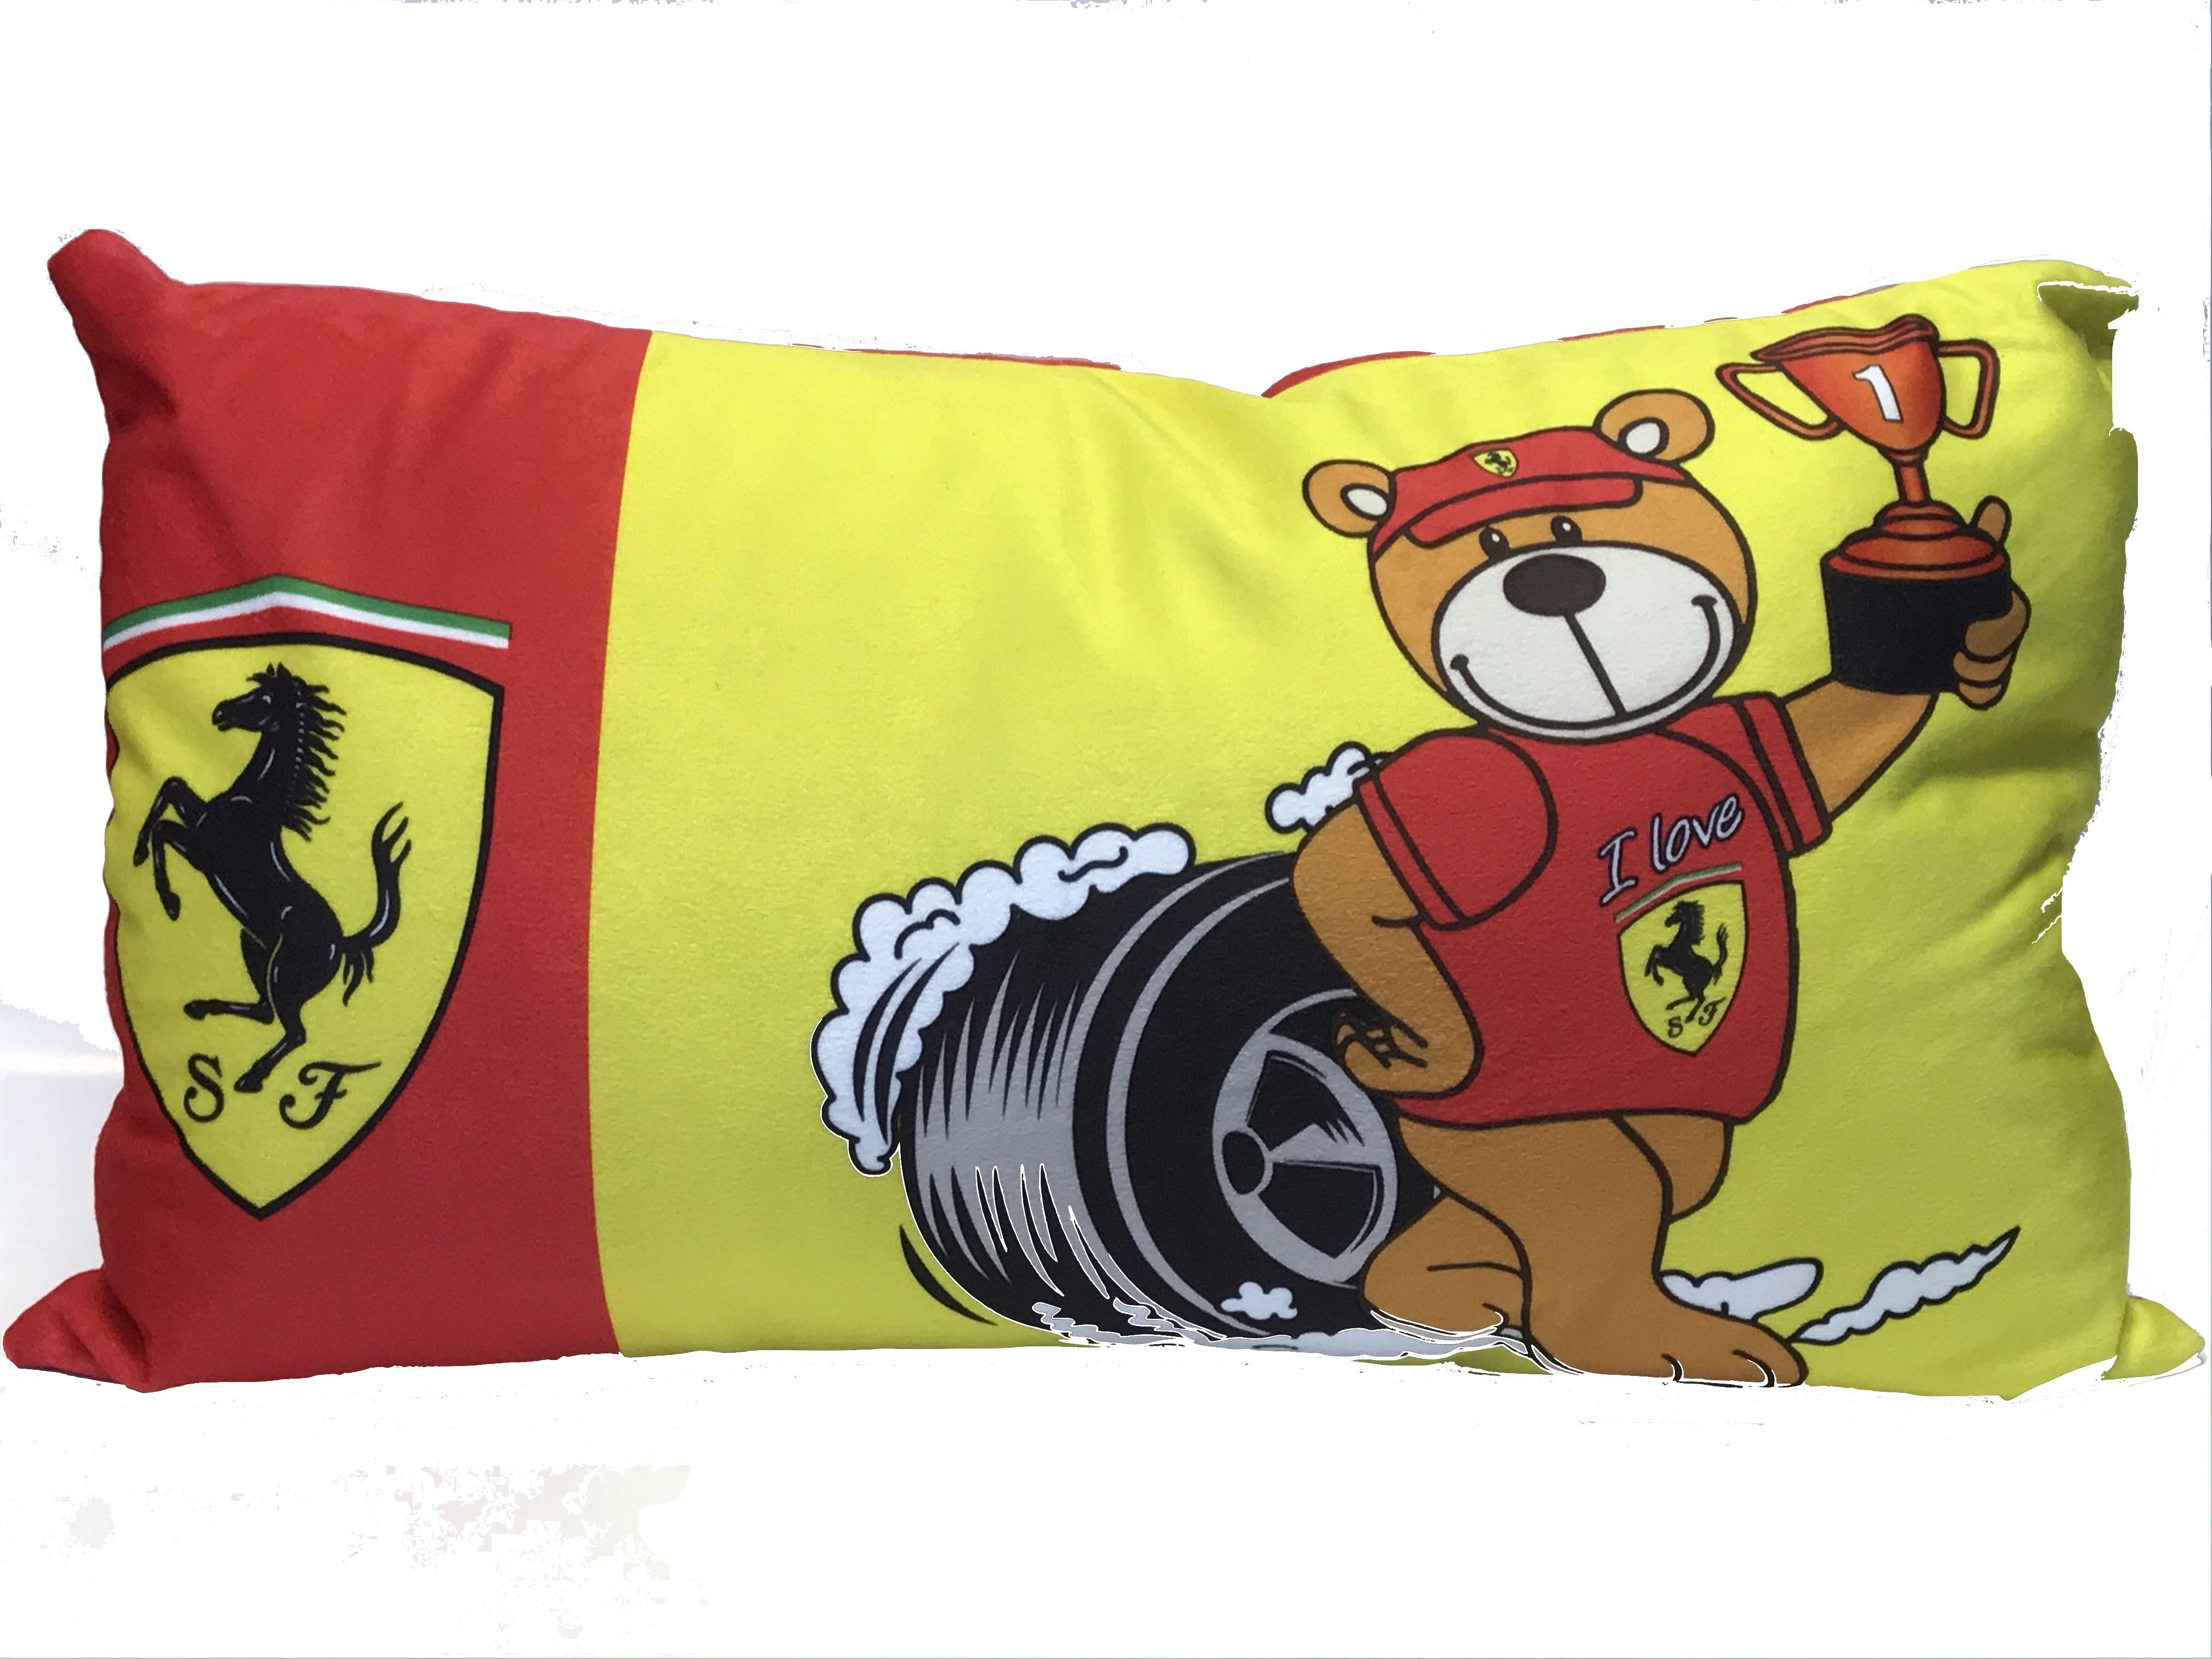 Scuderia Ferrari Teddy Fantasy Cushion